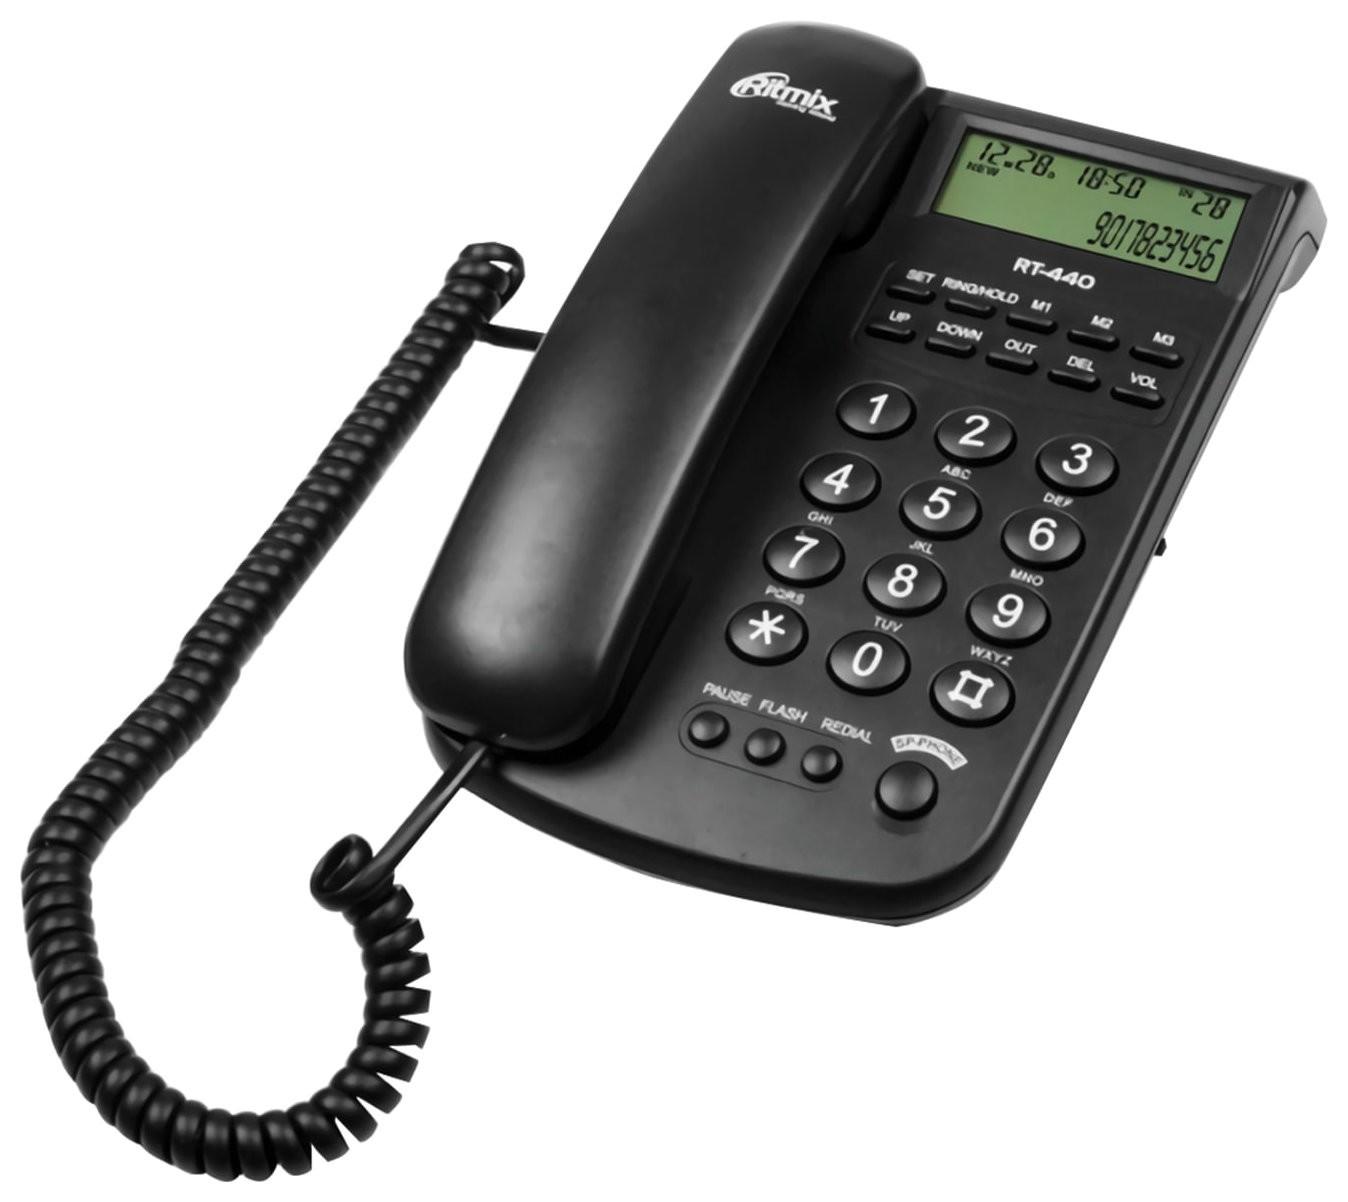 Телефон RITMIX RT-440 black, АОН, спикерфон, быстрый набор 3 номеров, автодозвон, дата, время, черный  Ritmix